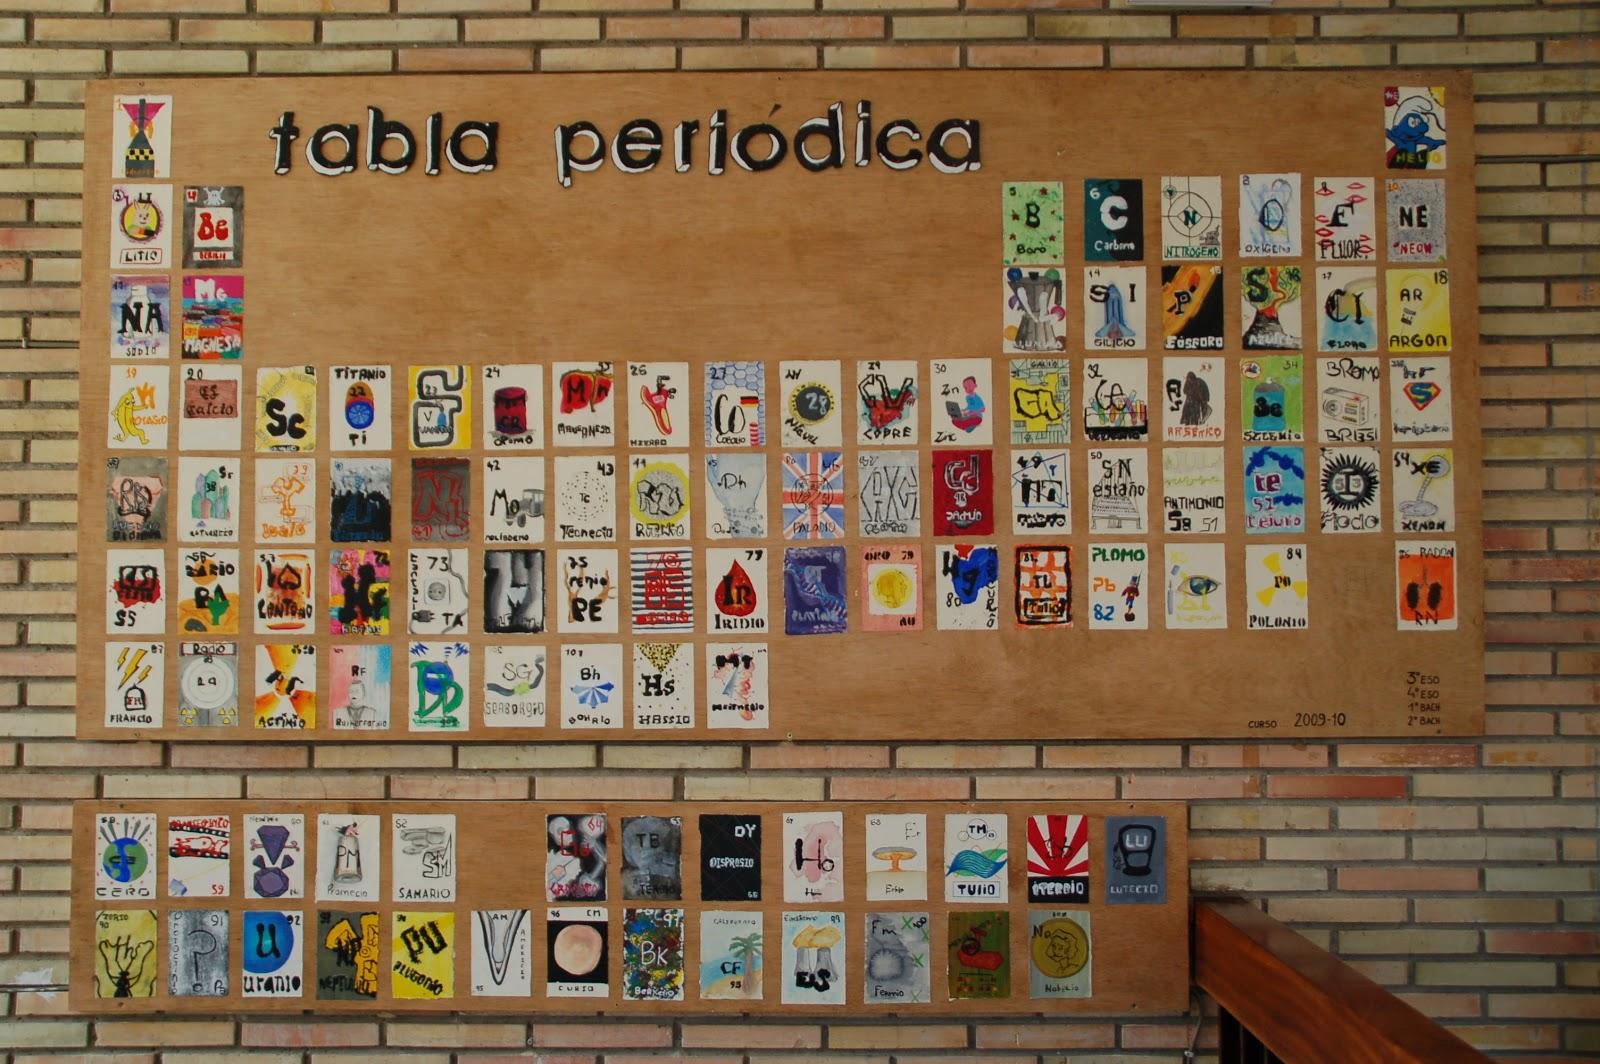 No soy una cebolla proyecto coral curso 200910 la tabla peridica el primer ao que estuve en el colegio hicimos un proyecto que todava se puede ver en una de las paredes del segundo piso y que es uno de mis trabajos urtaz Image collections